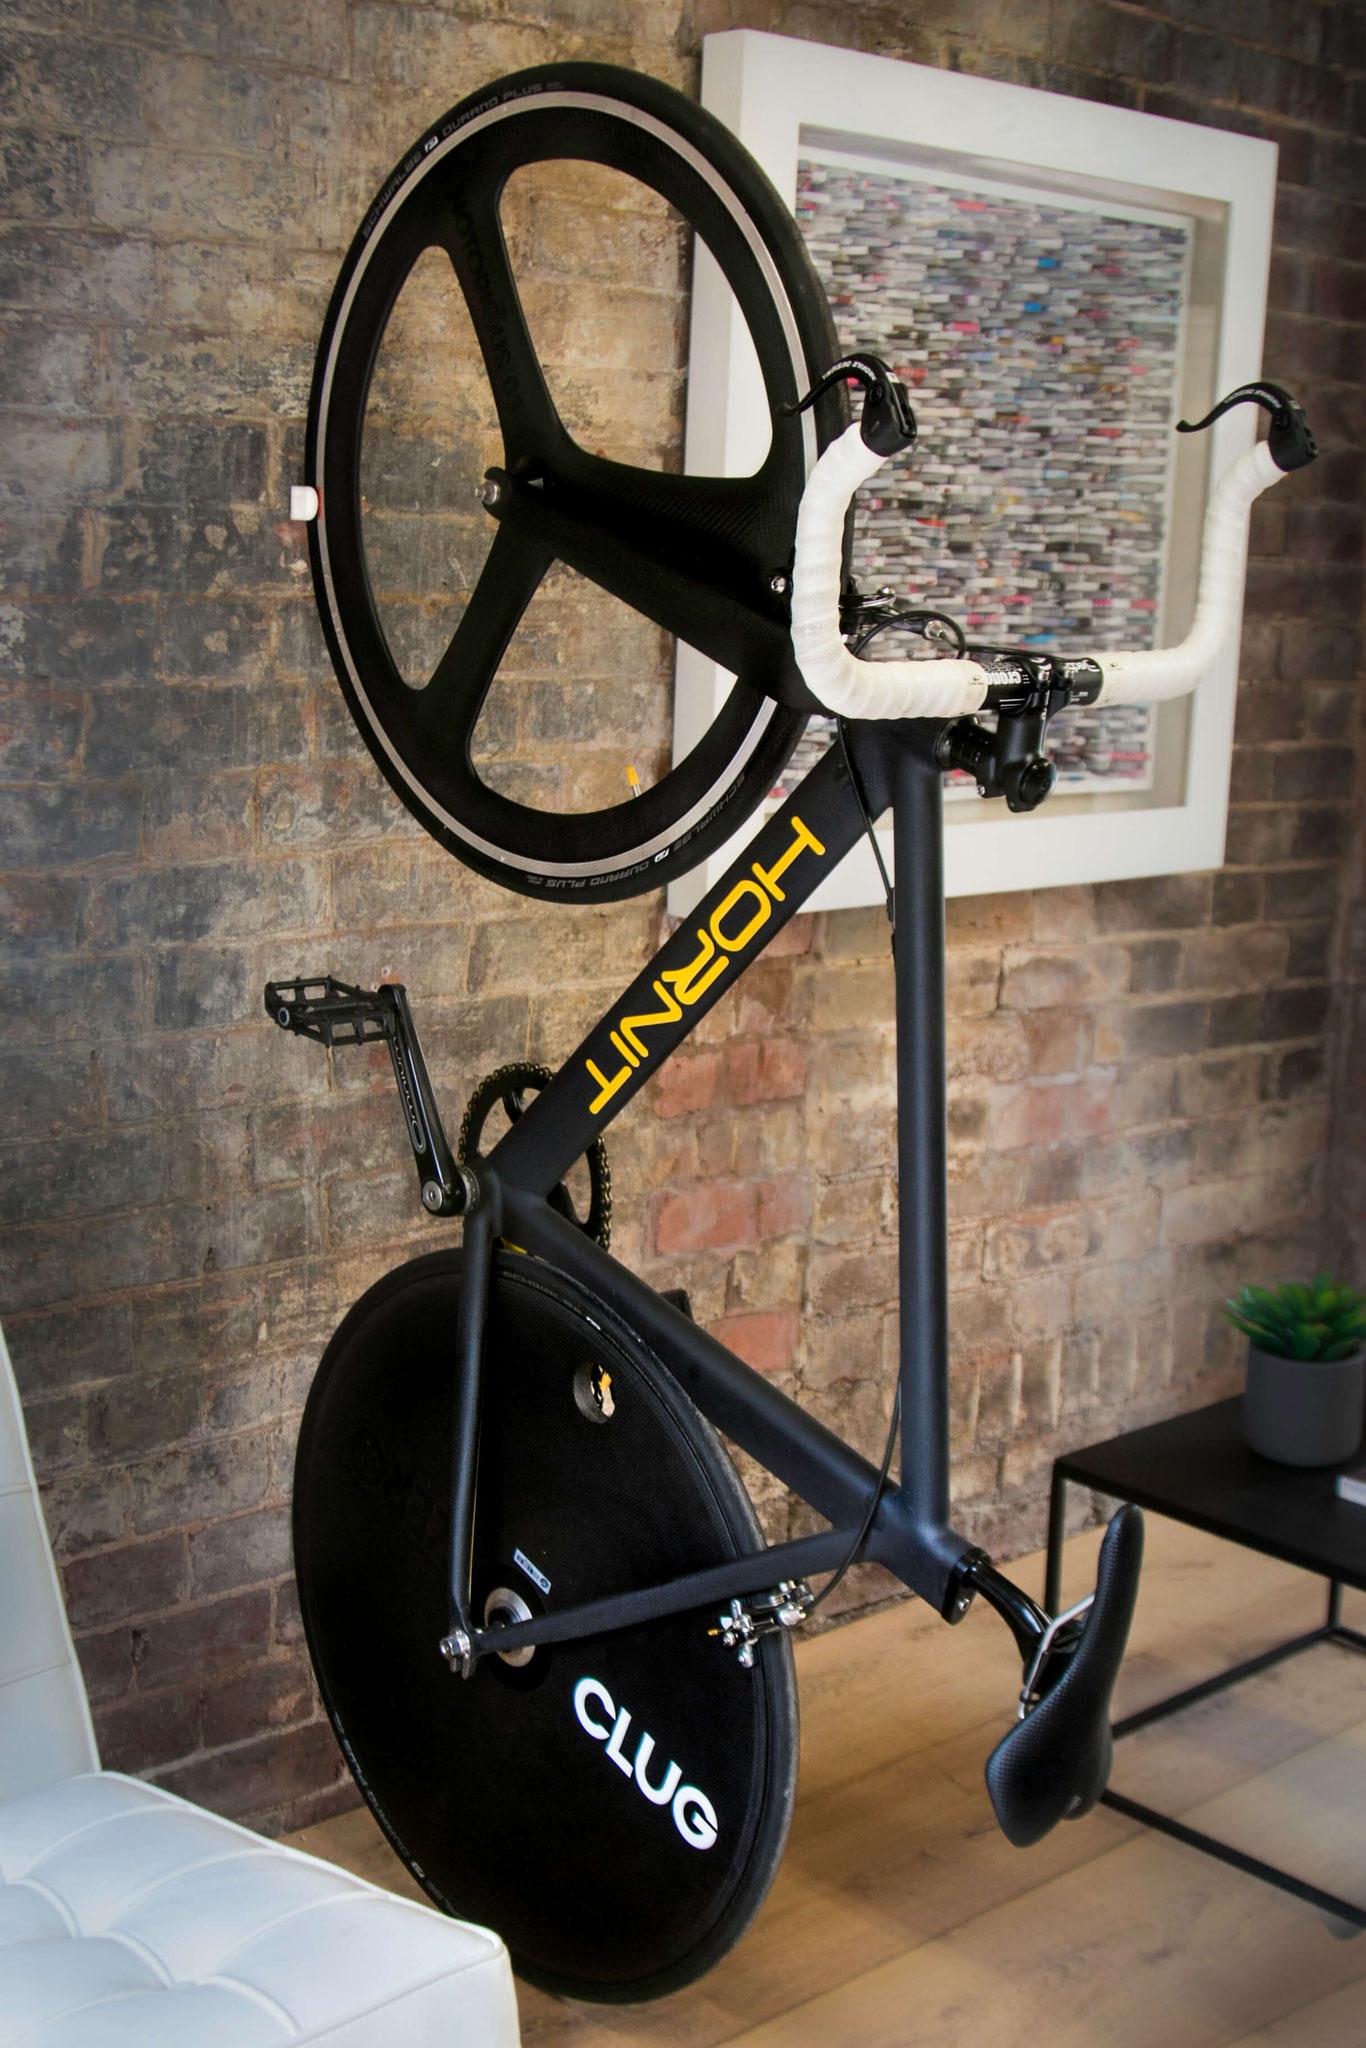 Für Rennräder und Fahrräder mit schmalen Reifen ©CLUG